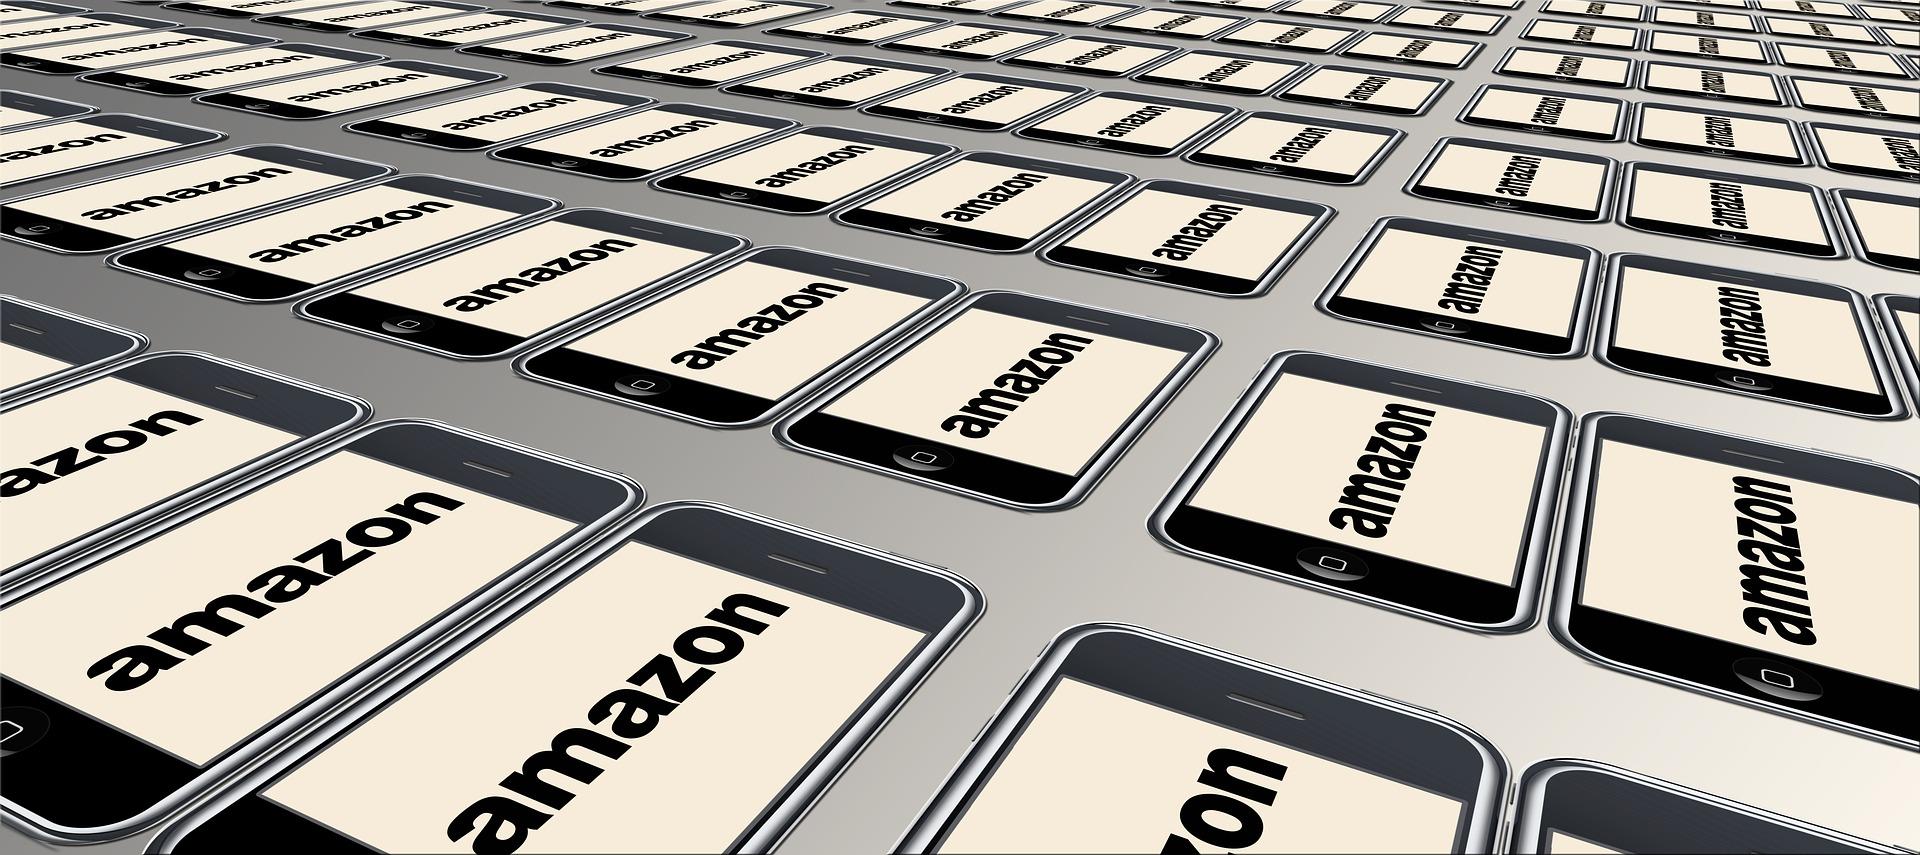 Neprecensies op Amazon, alle Facebookadvertenties van de Russen en een akelig misleidende kappersafspraak